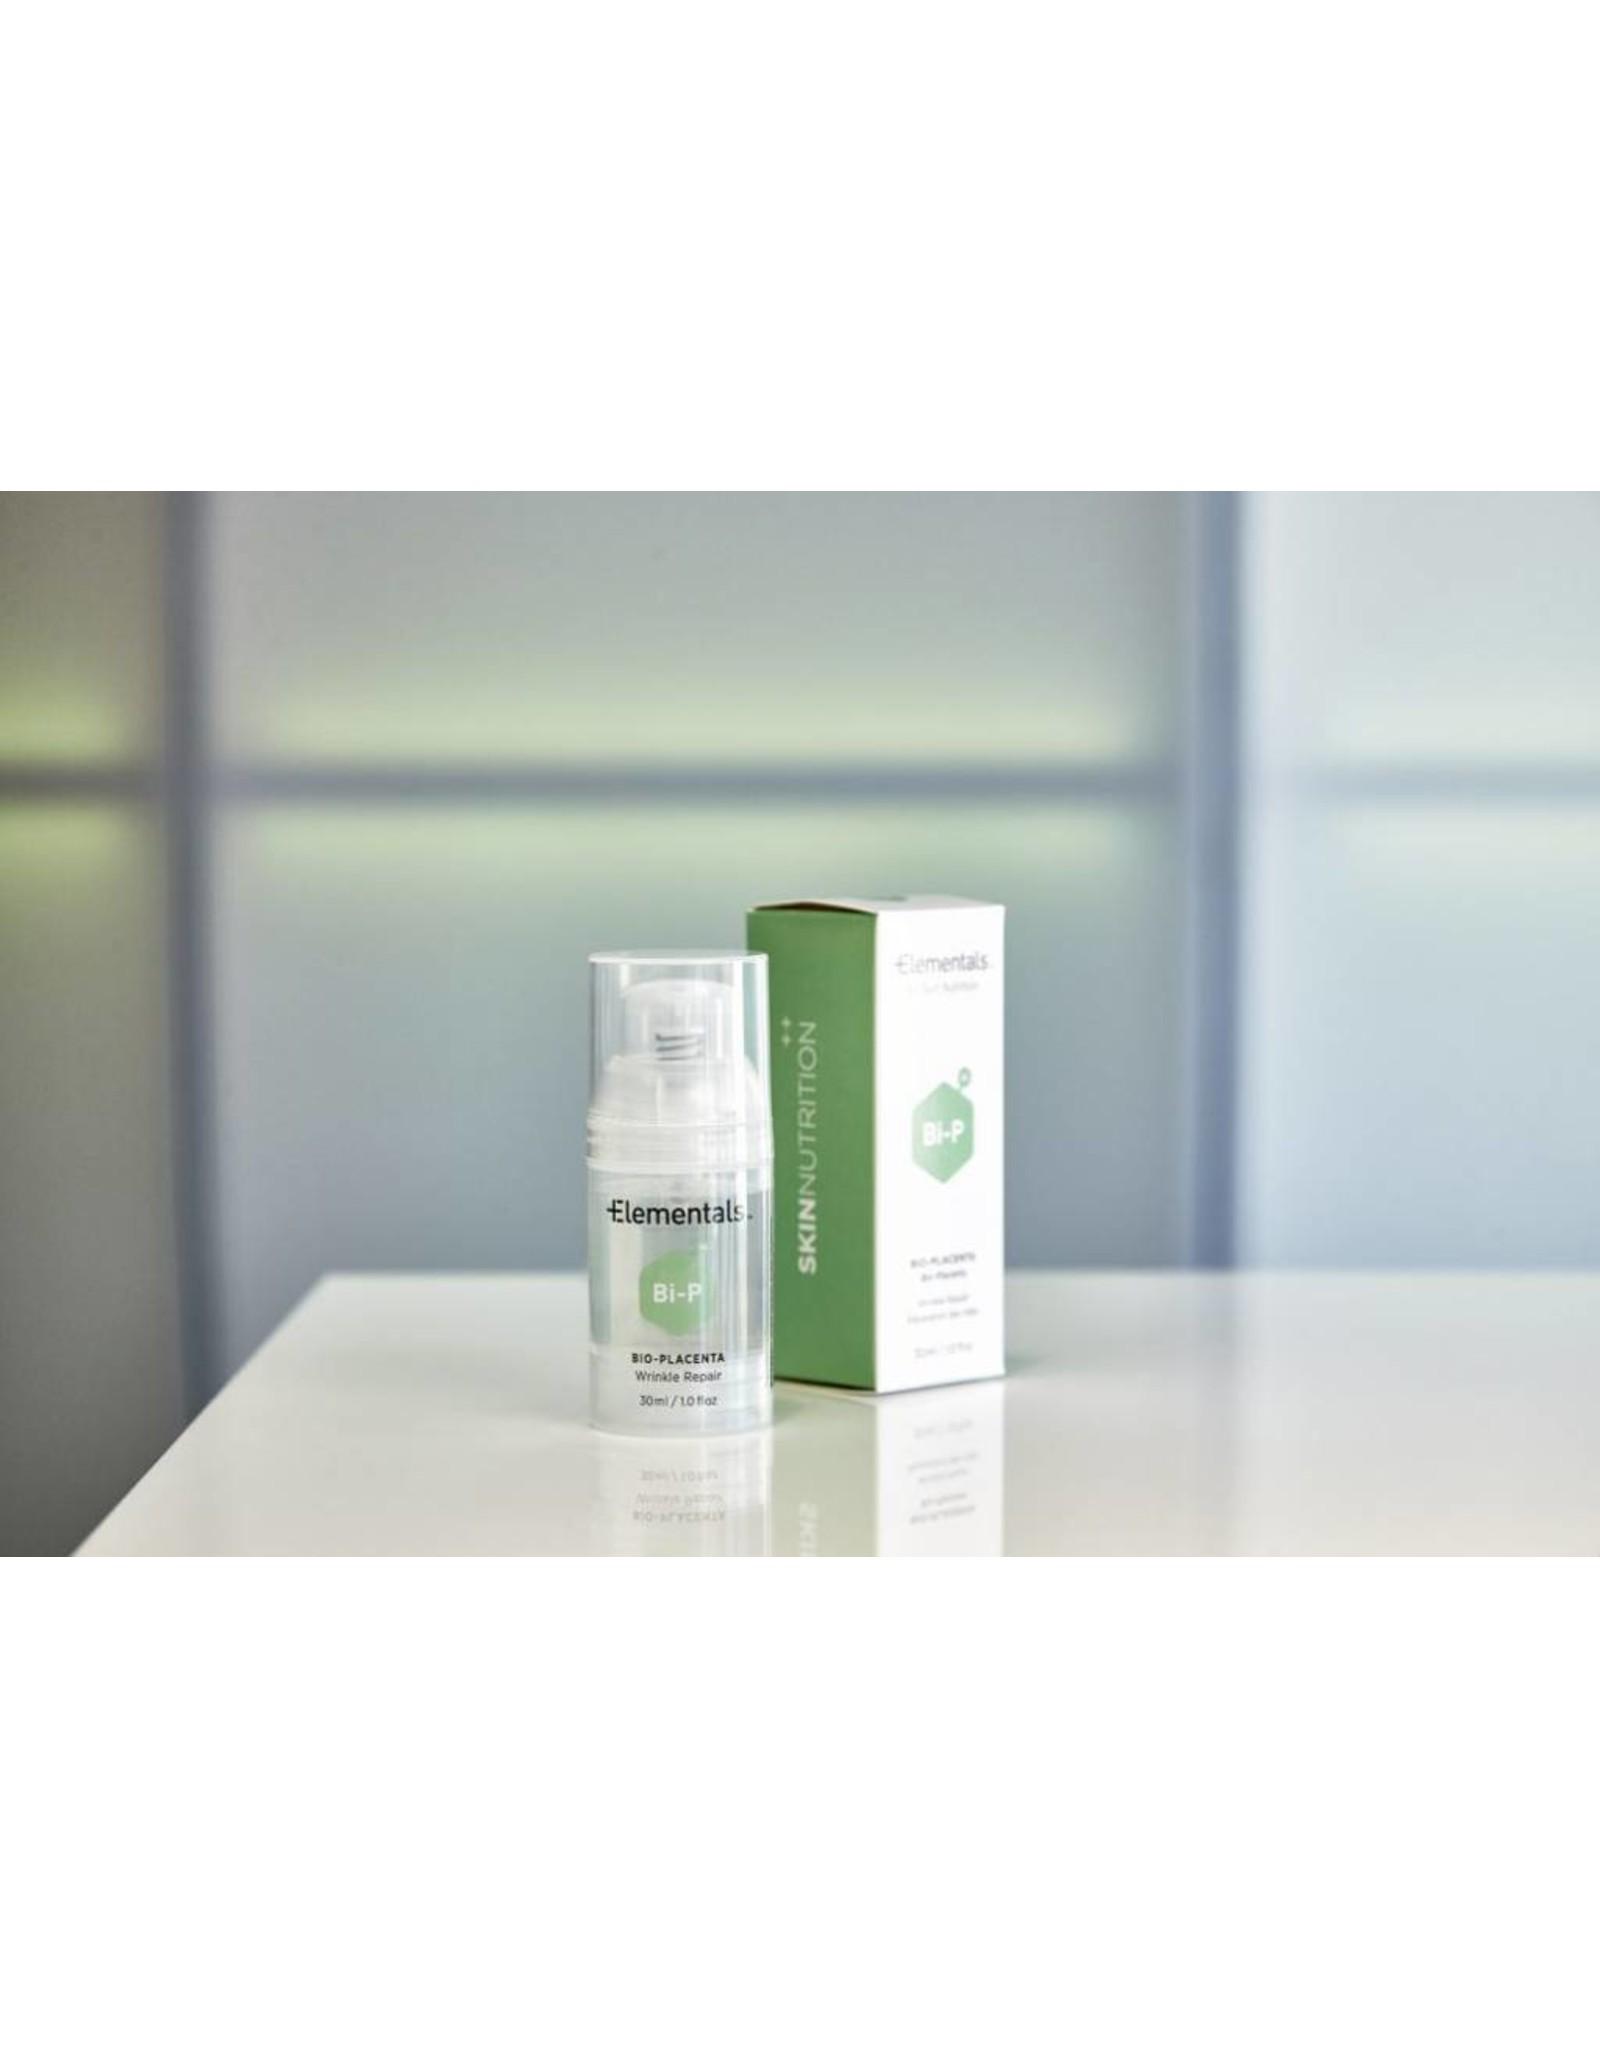 Elementals - by Skin Nutrition Elementals Bio Placenta